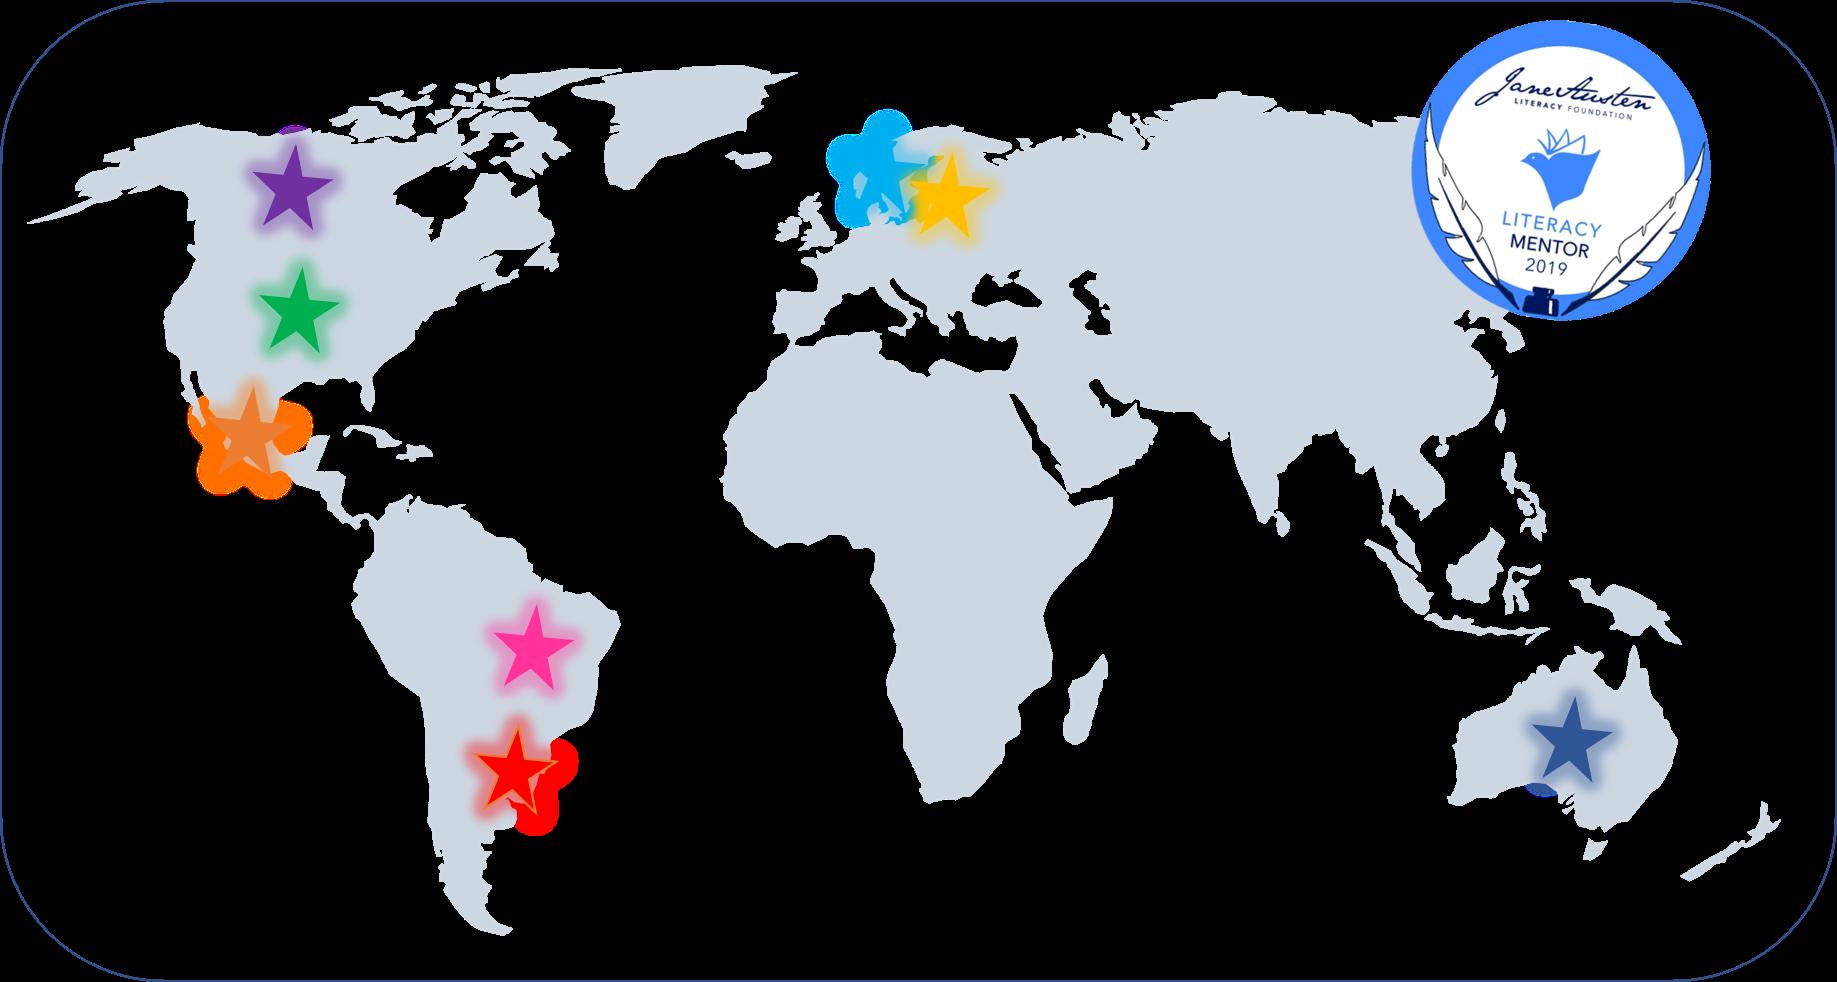 Literacy Mentors Map.  Credit: Jacqueline Harris